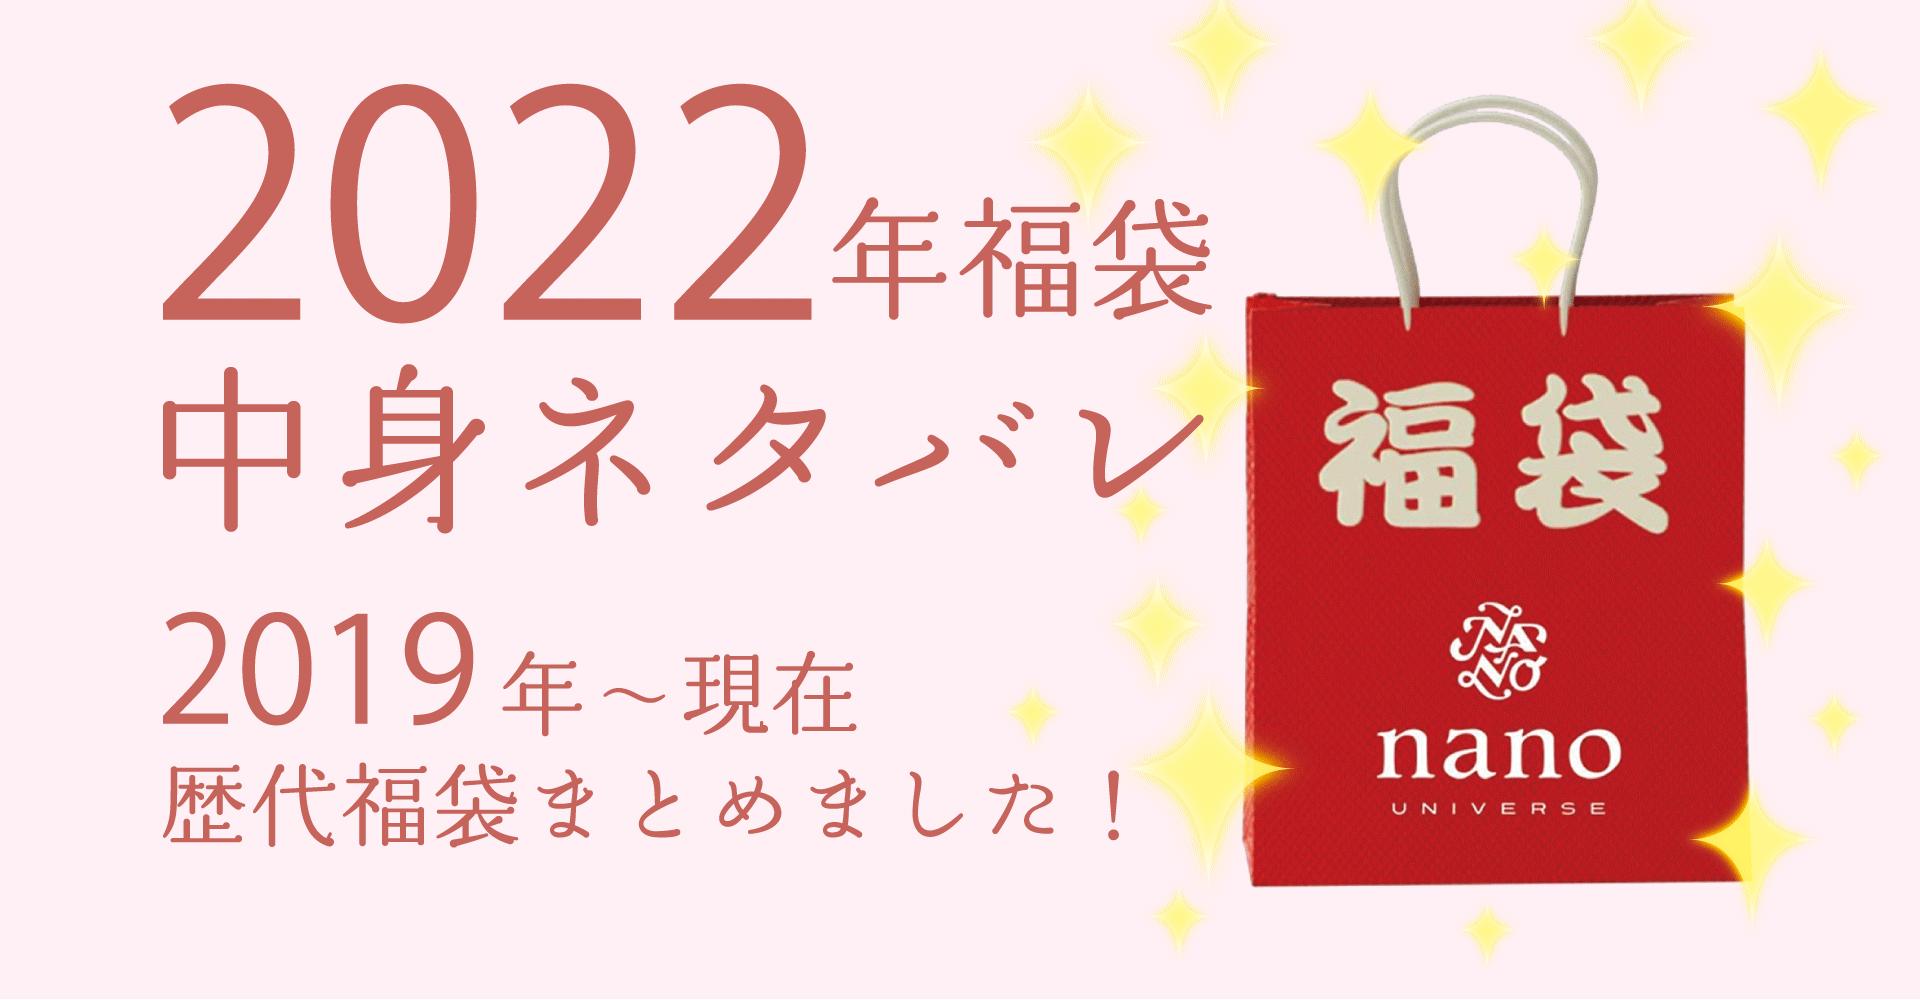 ナノユニバース(レディース)2022年福袋中身ネタバレ!購入方法やおすすめの通販サイトも!